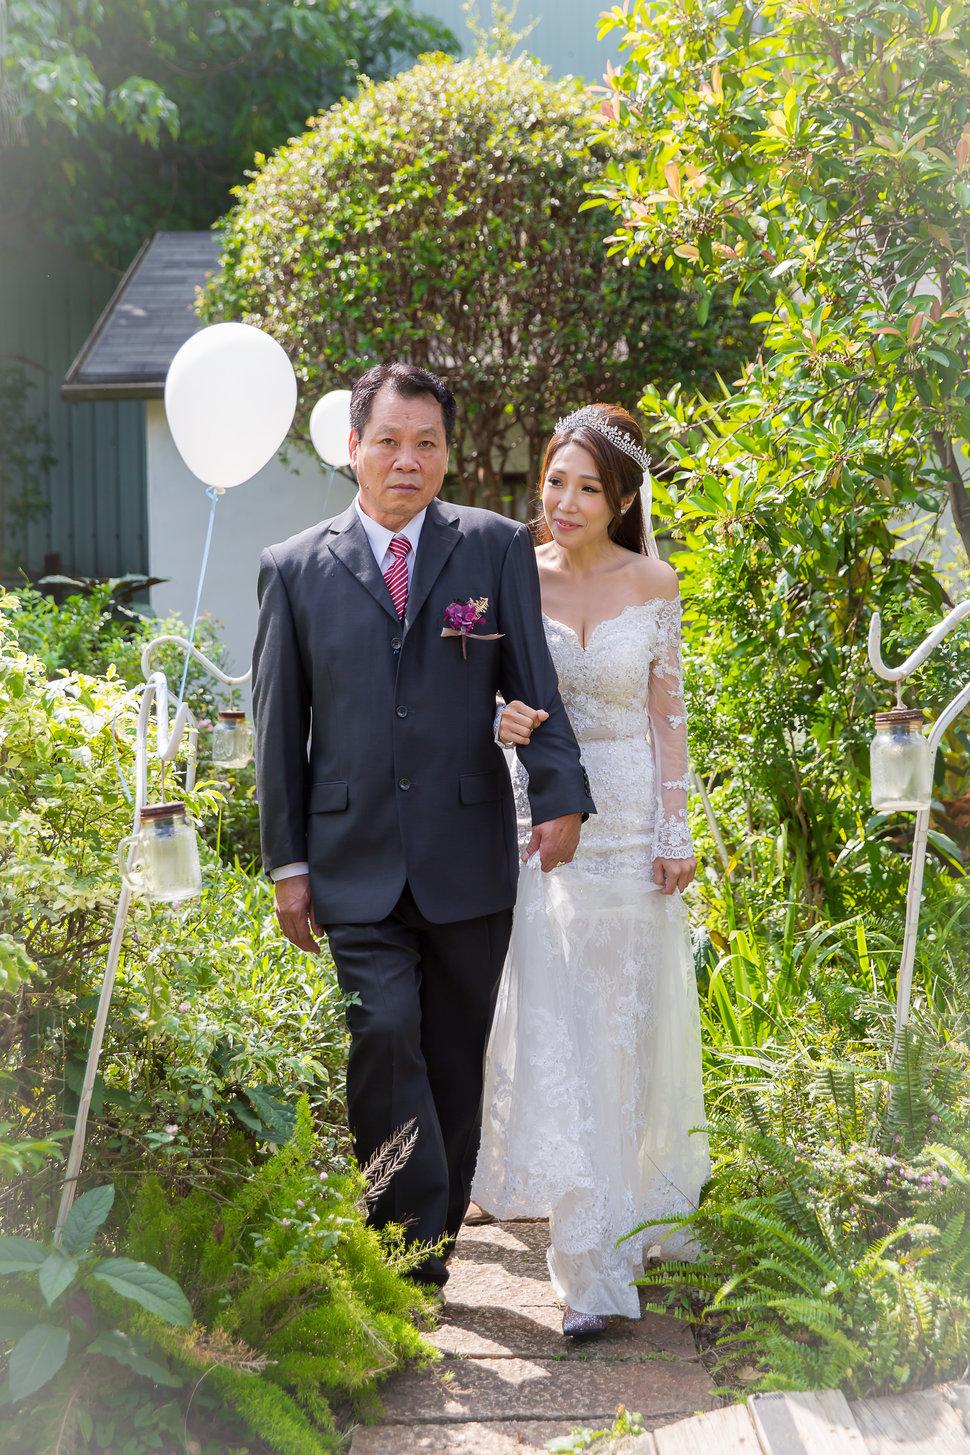 兆康&鈴芳_婚儀_新莊香草花緣餐廳(編號:287436) - Baby Sweety Studio - 結婚吧